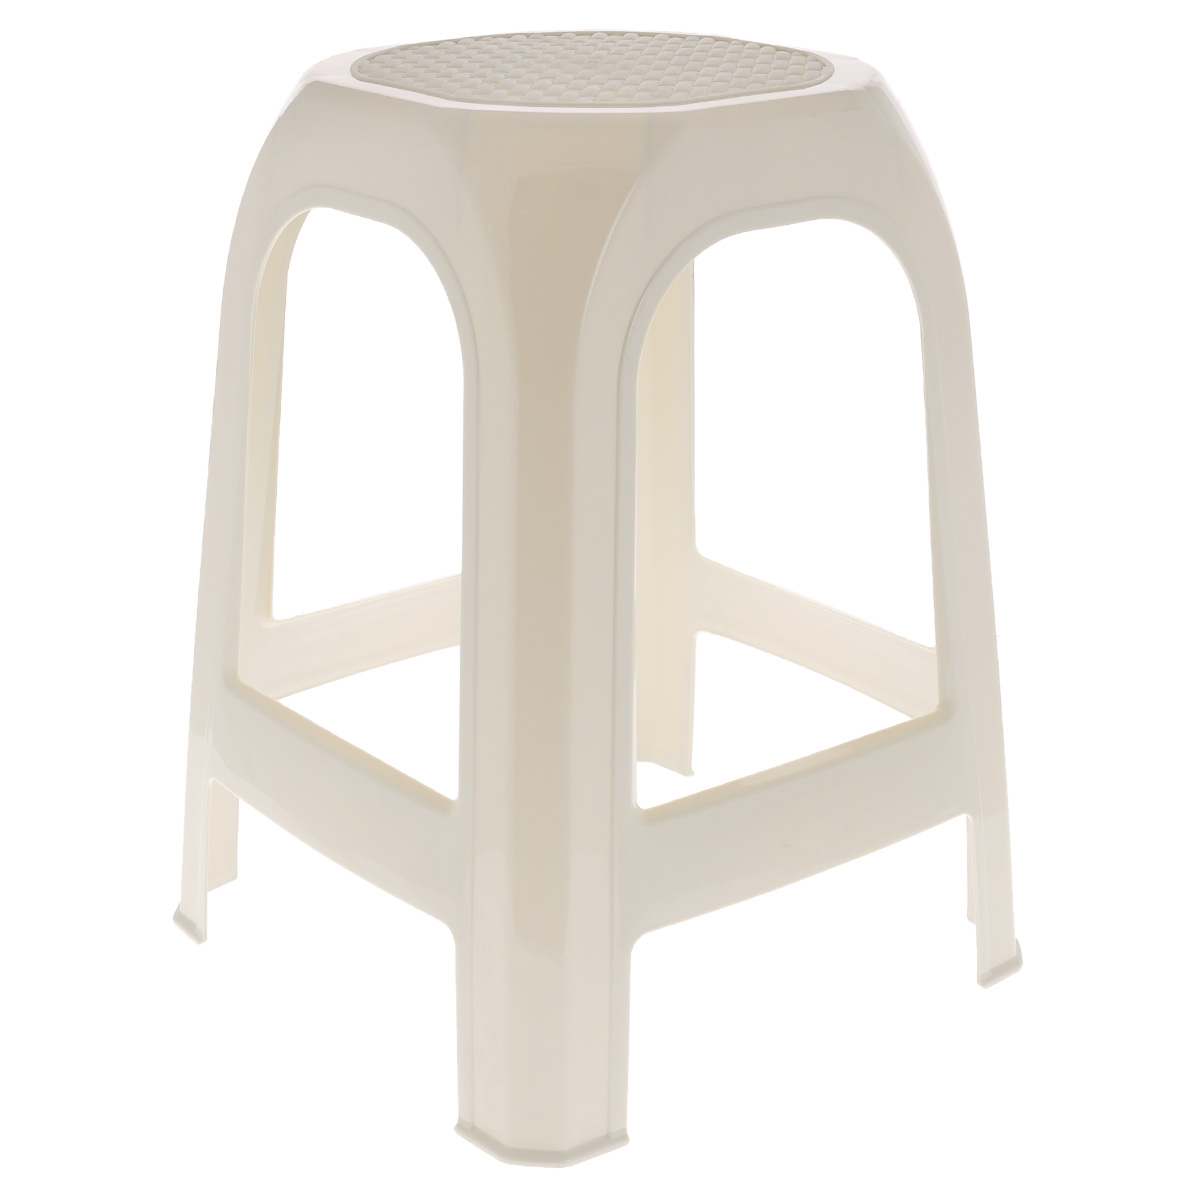 """Табурет """"Idea"""" выполнен из прочного высококачественного пластика. Надежная опора ножек предотвращает опрокидывание табурета. Сиденье изделия оформлено рельефным рисунком под плетение. Такой табурет обязательно пригодятся и дома, чтобы разместить гостей за кухонным столом, и на даче, чтобы организовать место для отдыха или обеда на свежем воздухе."""